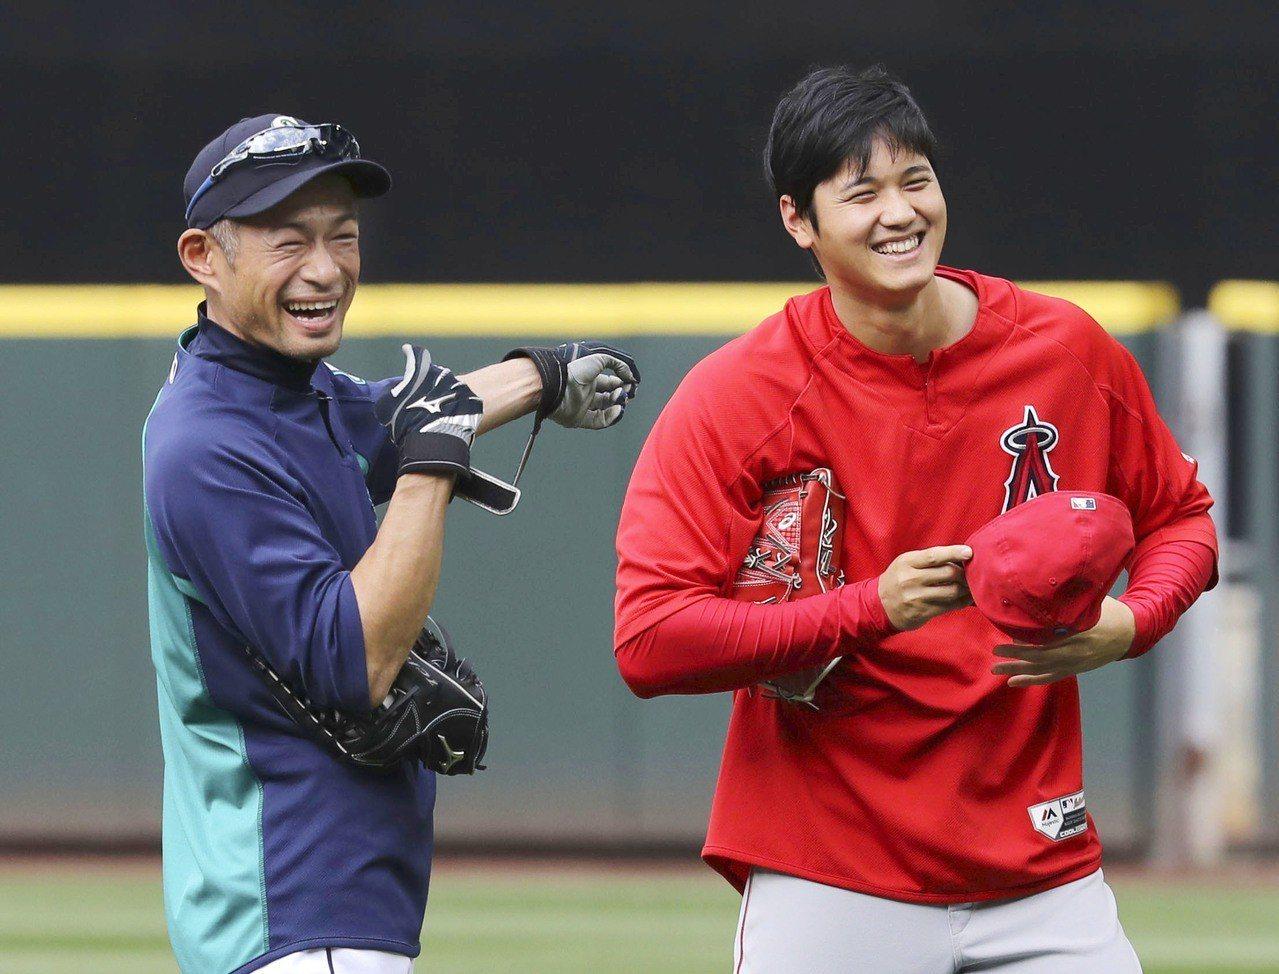 大谷翔平去年與鈴木一朗在場上碰面。 美聯社